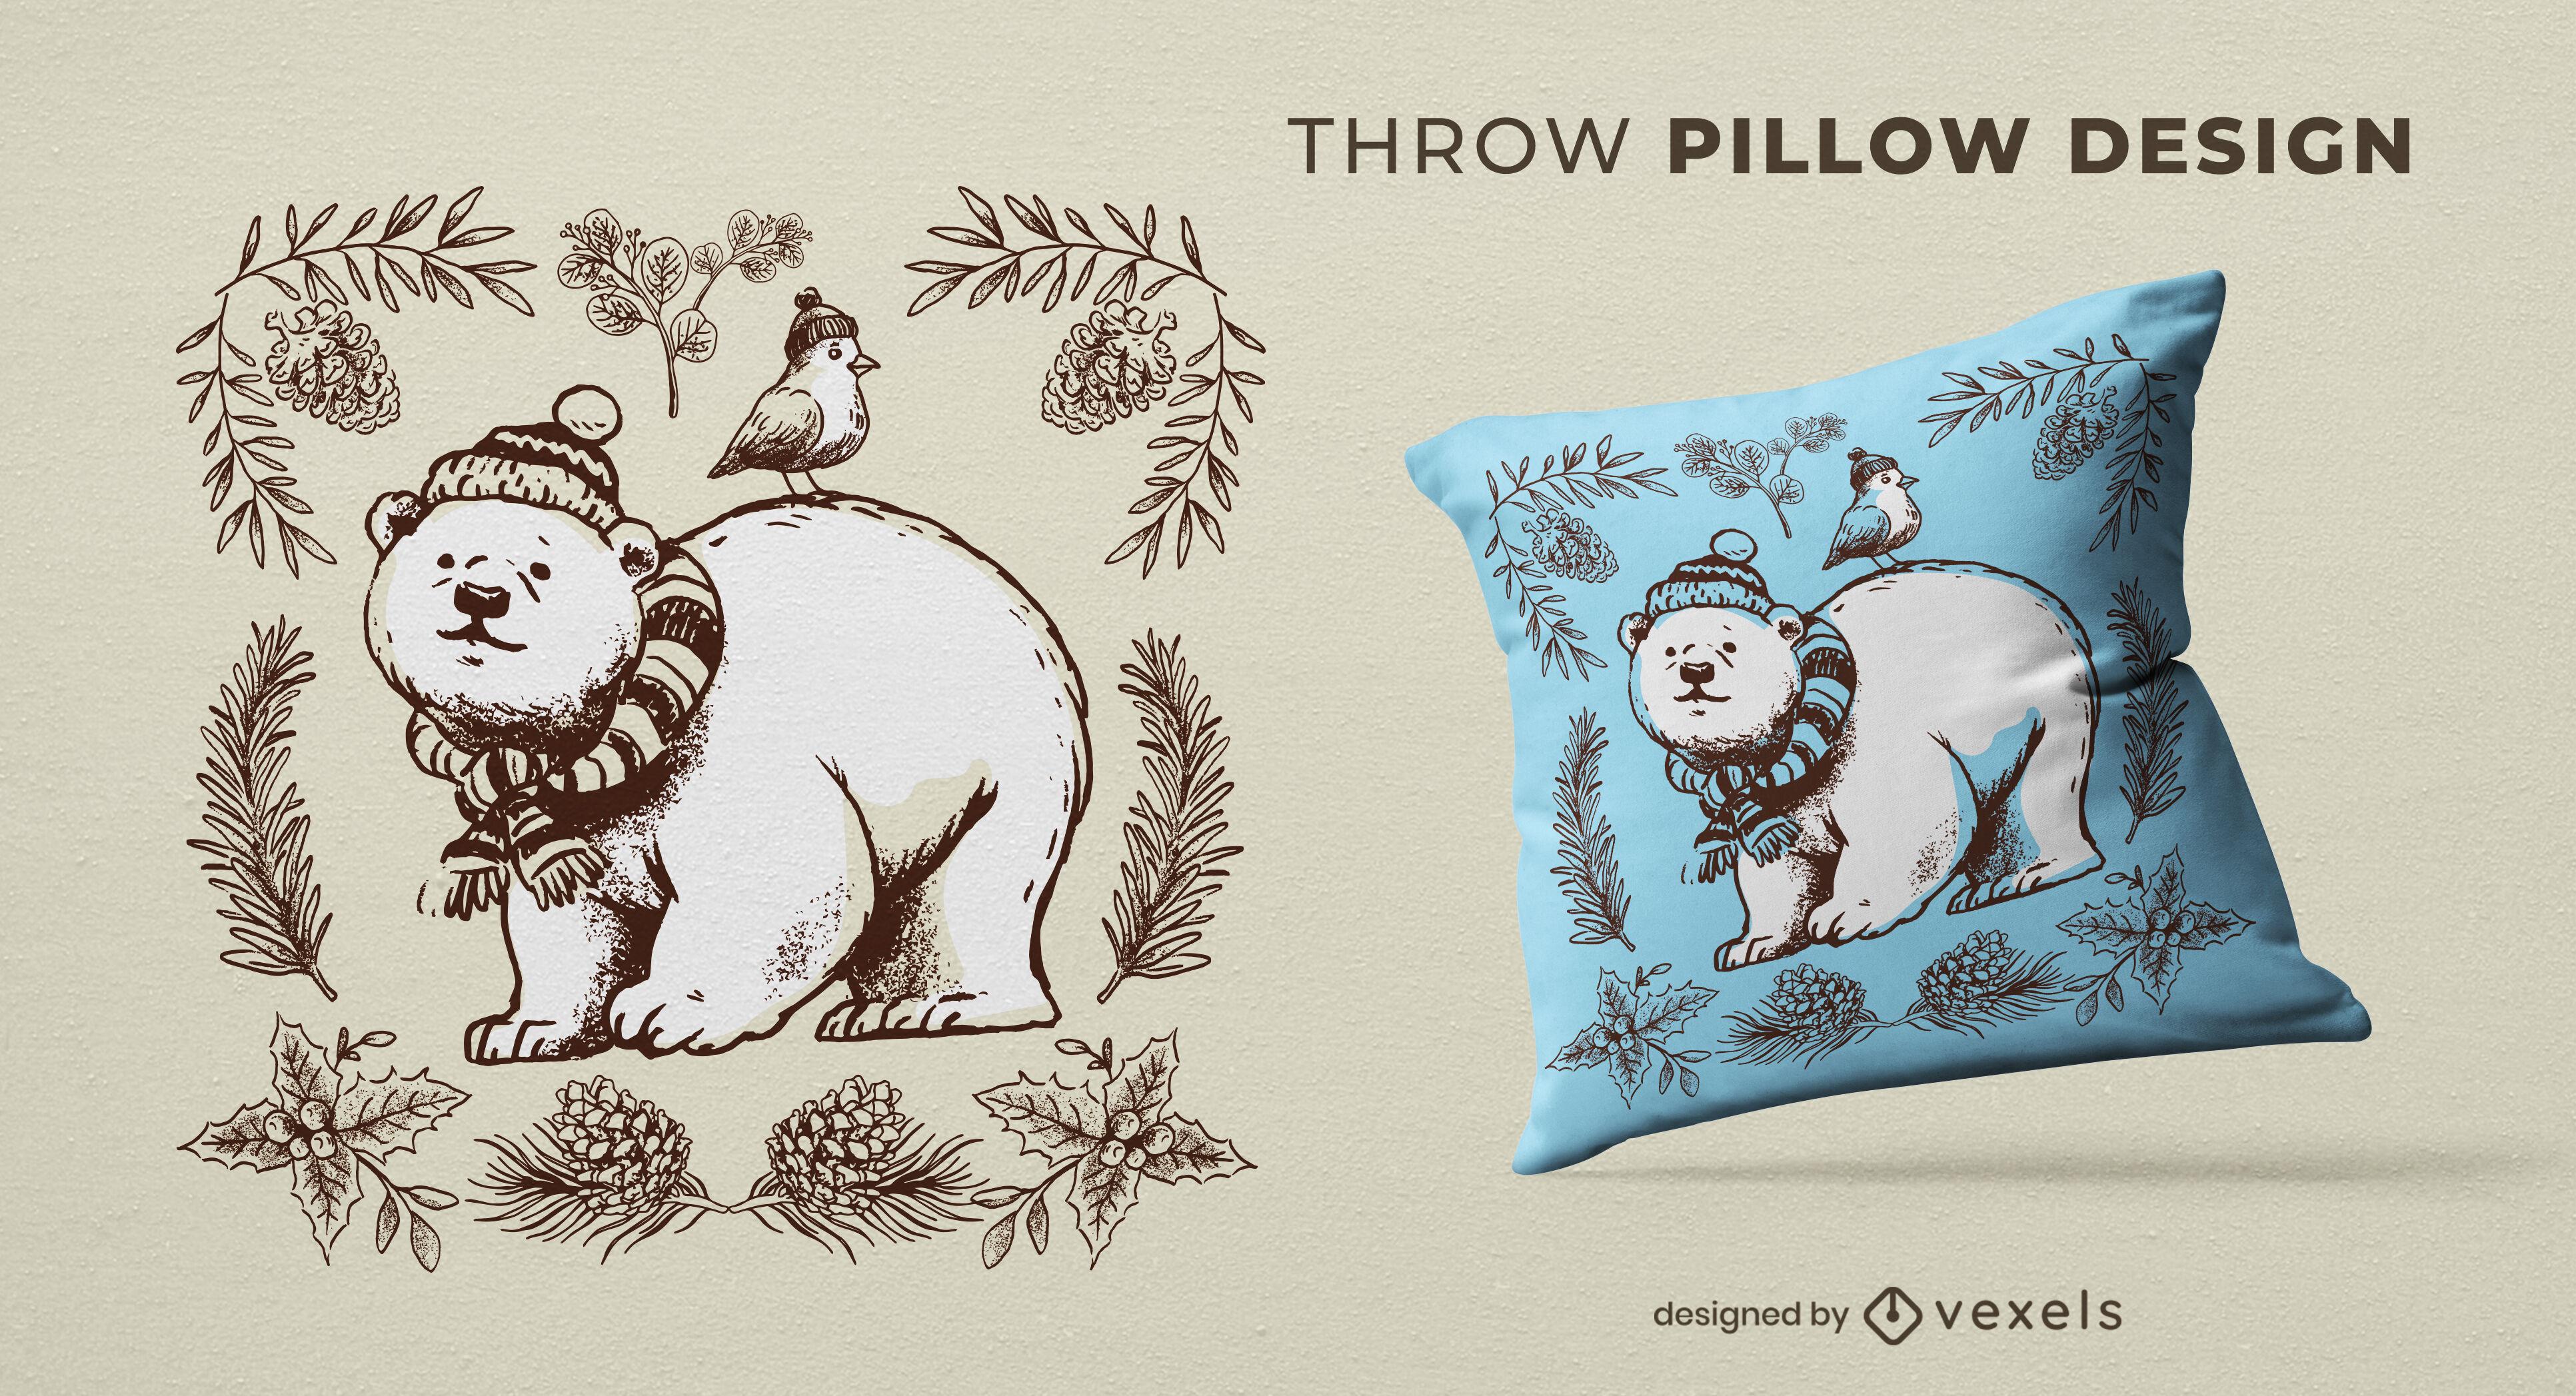 Dise?o de almohada de tiro de invierno animal oso polar